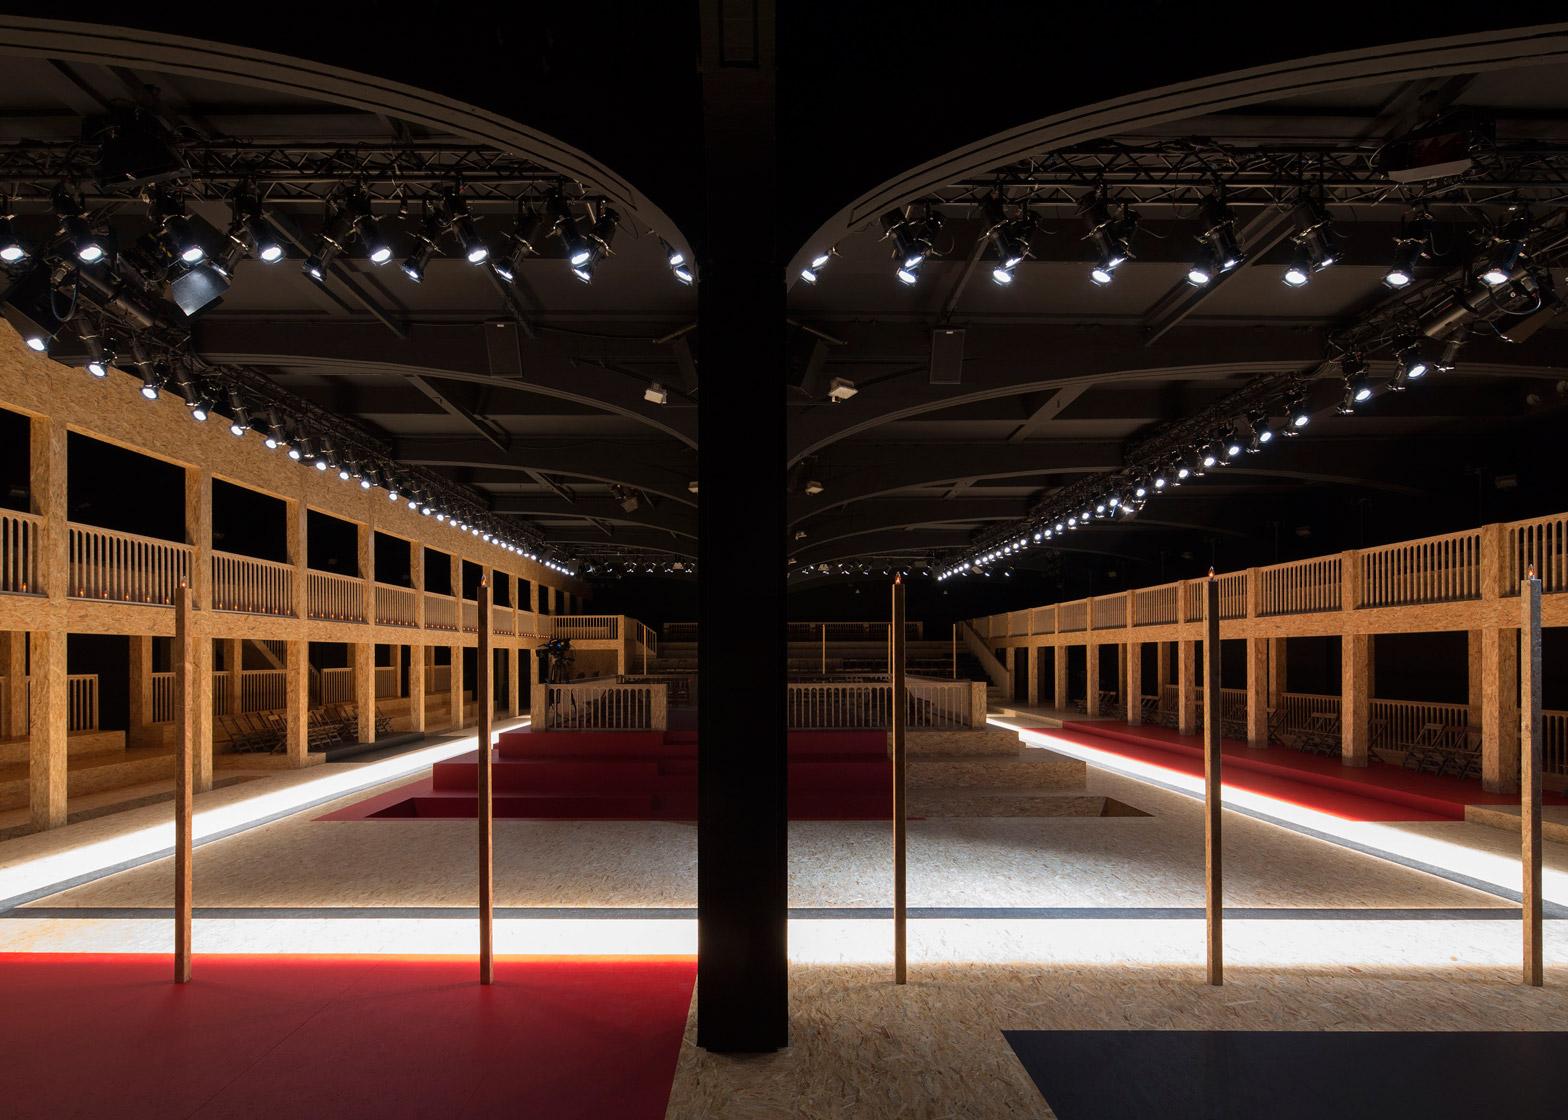 Prada AW16 catwalk by AMO